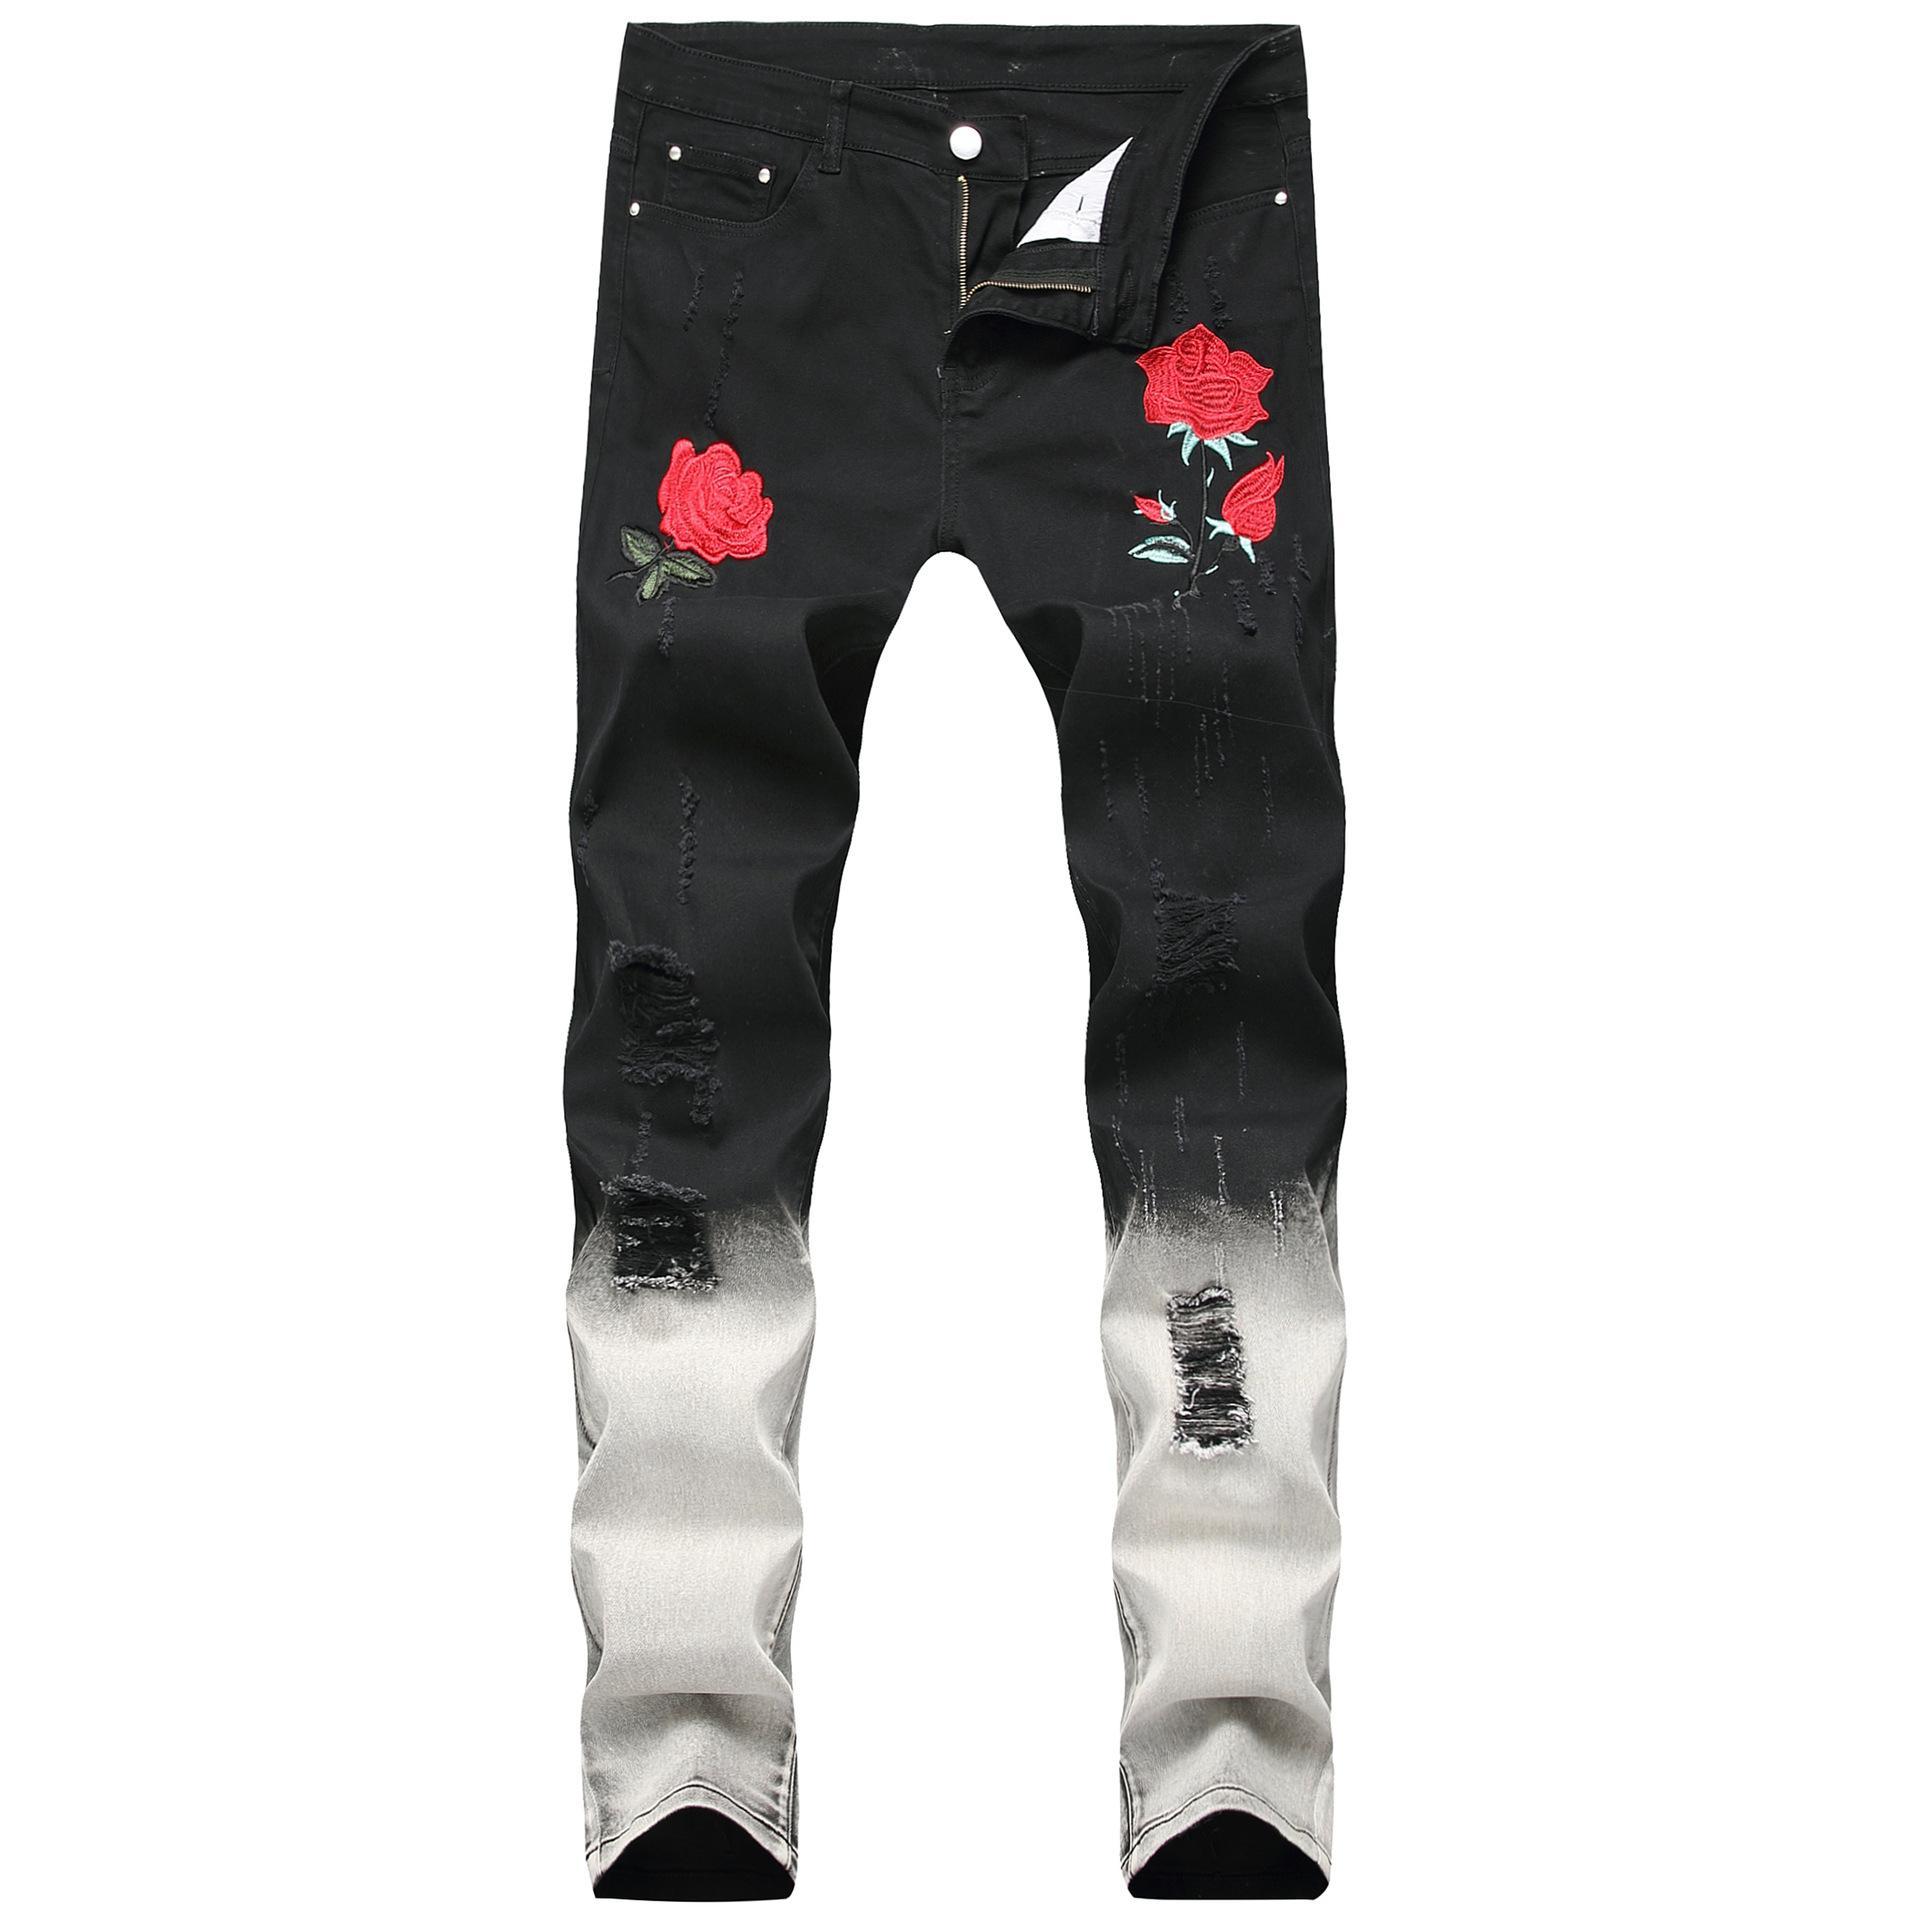 Slim Denim Luxe Pantalon 2019 Nouveau Hommes Brodés Fit Rose De Jeans Imprimé Trou Off Biker Designer PNO8wkZn0X